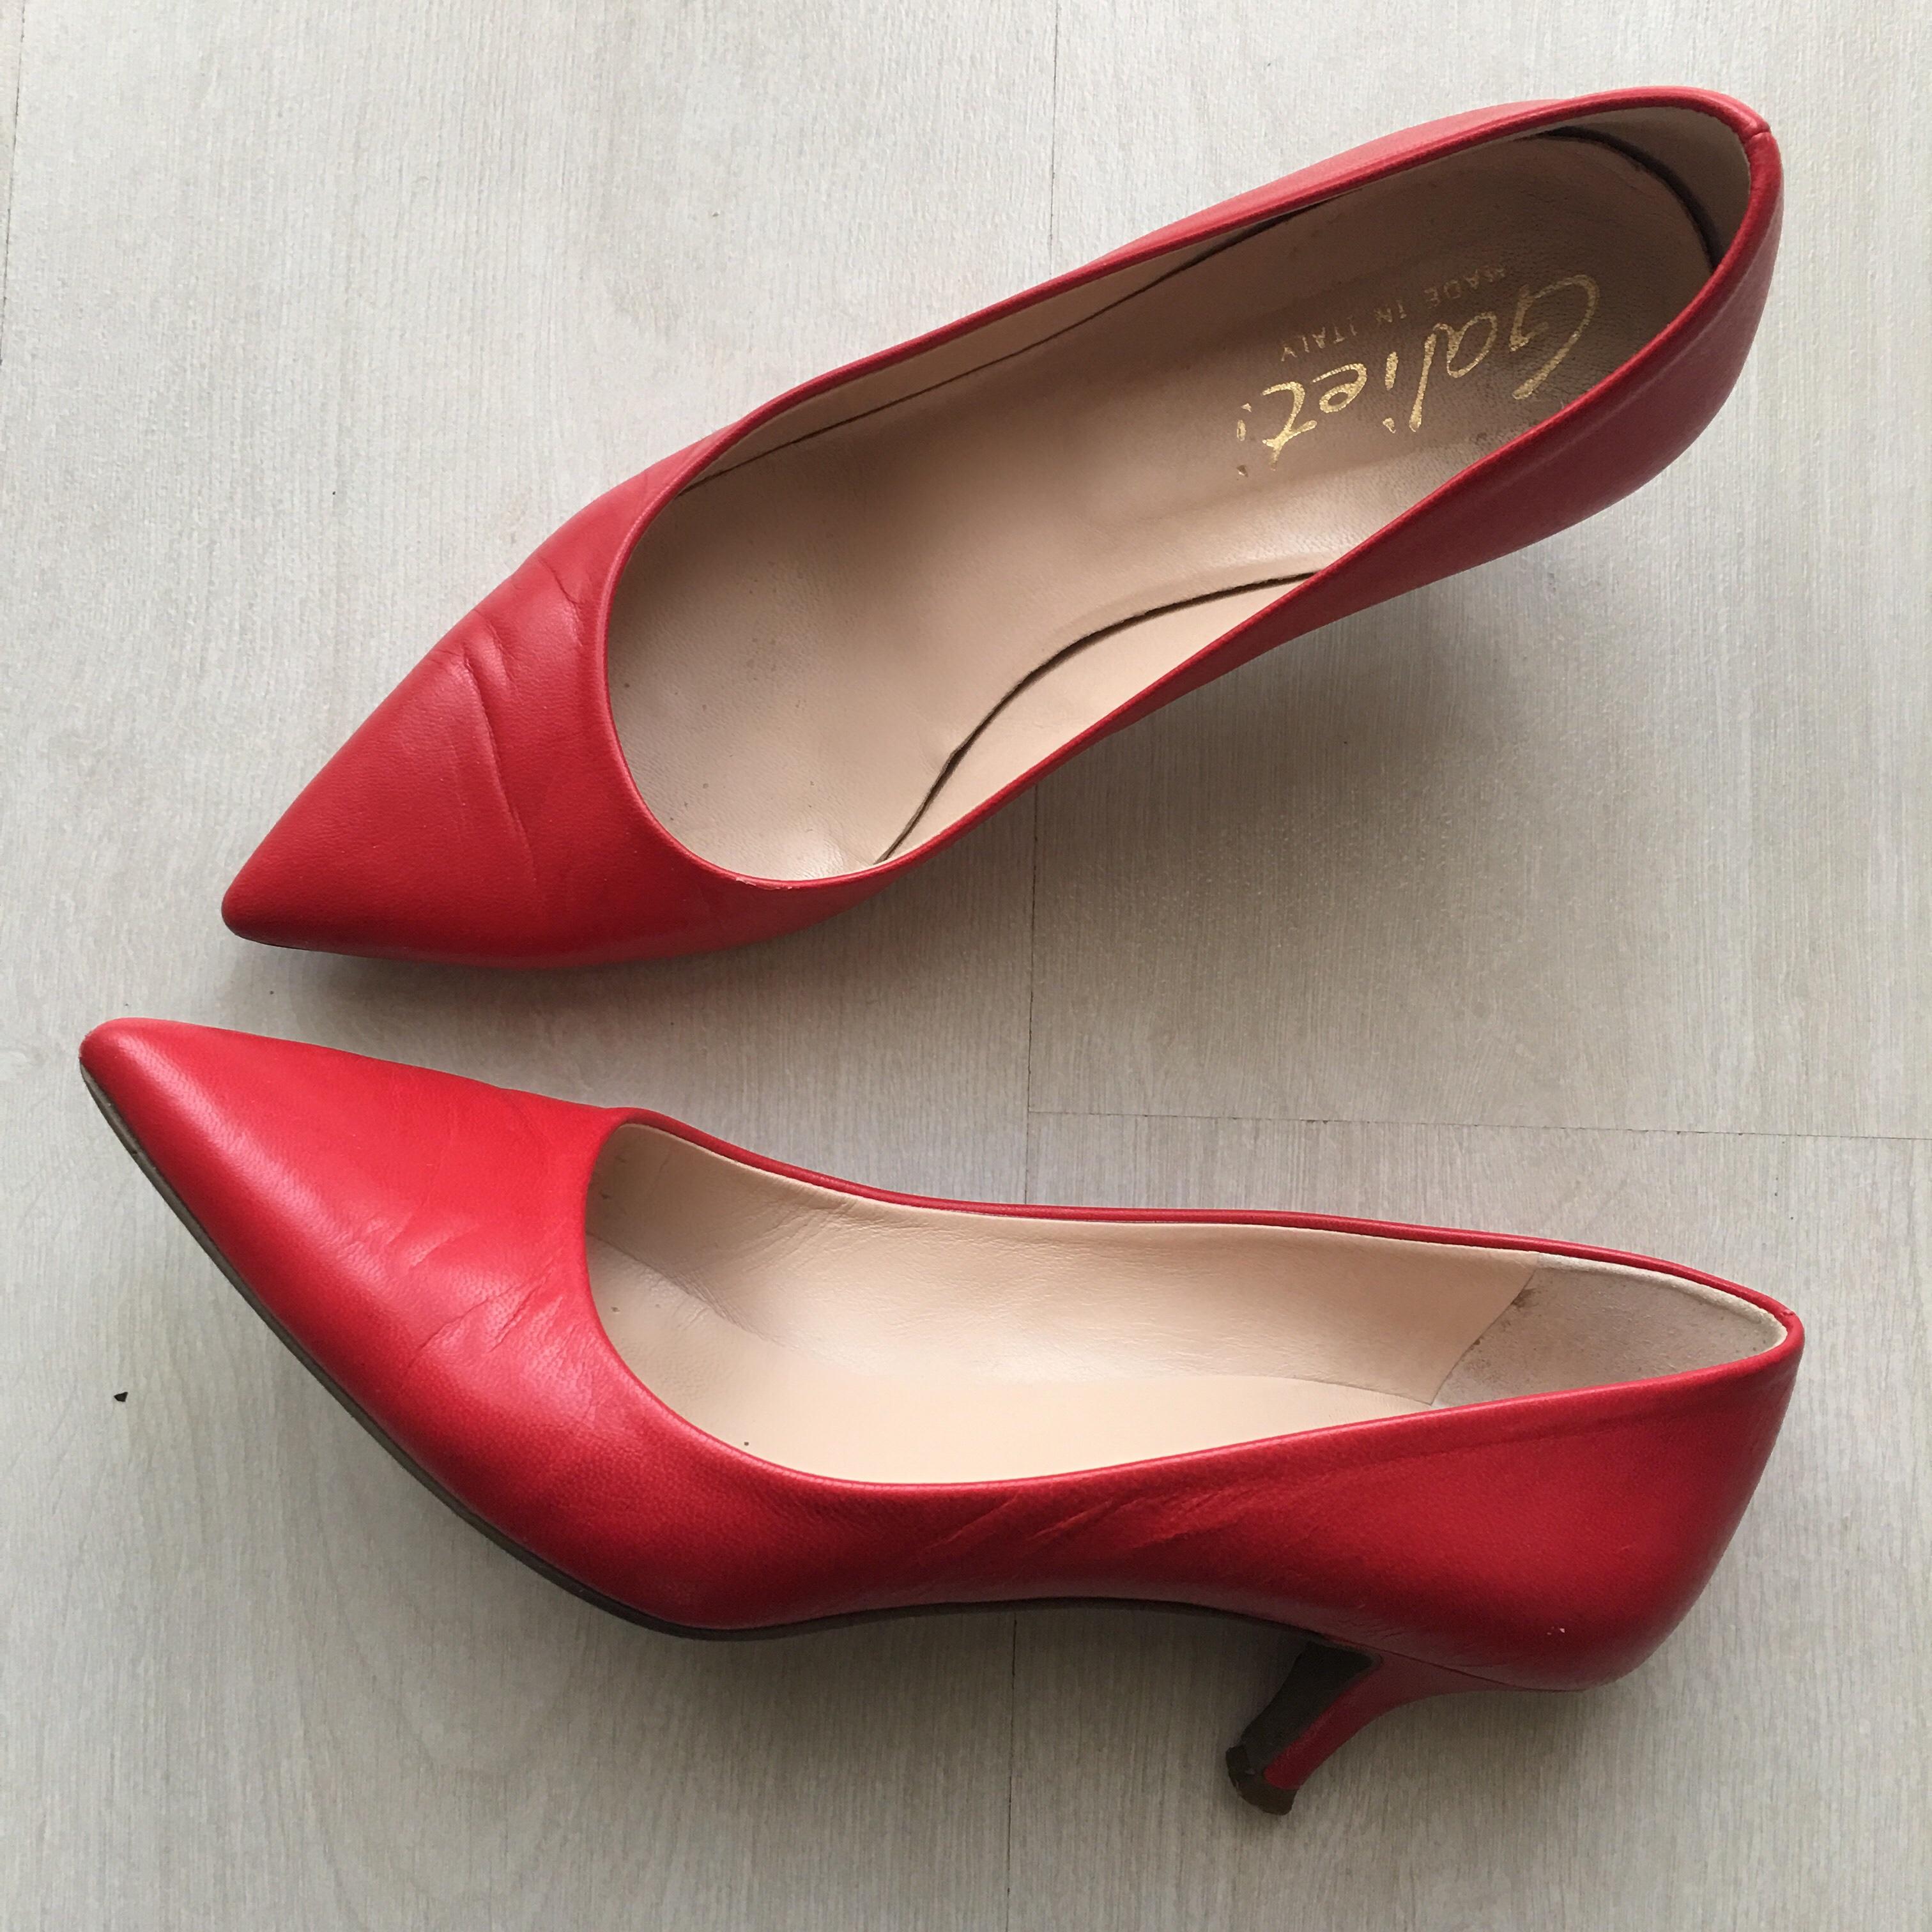 Scarpe rosse: come abbinarle